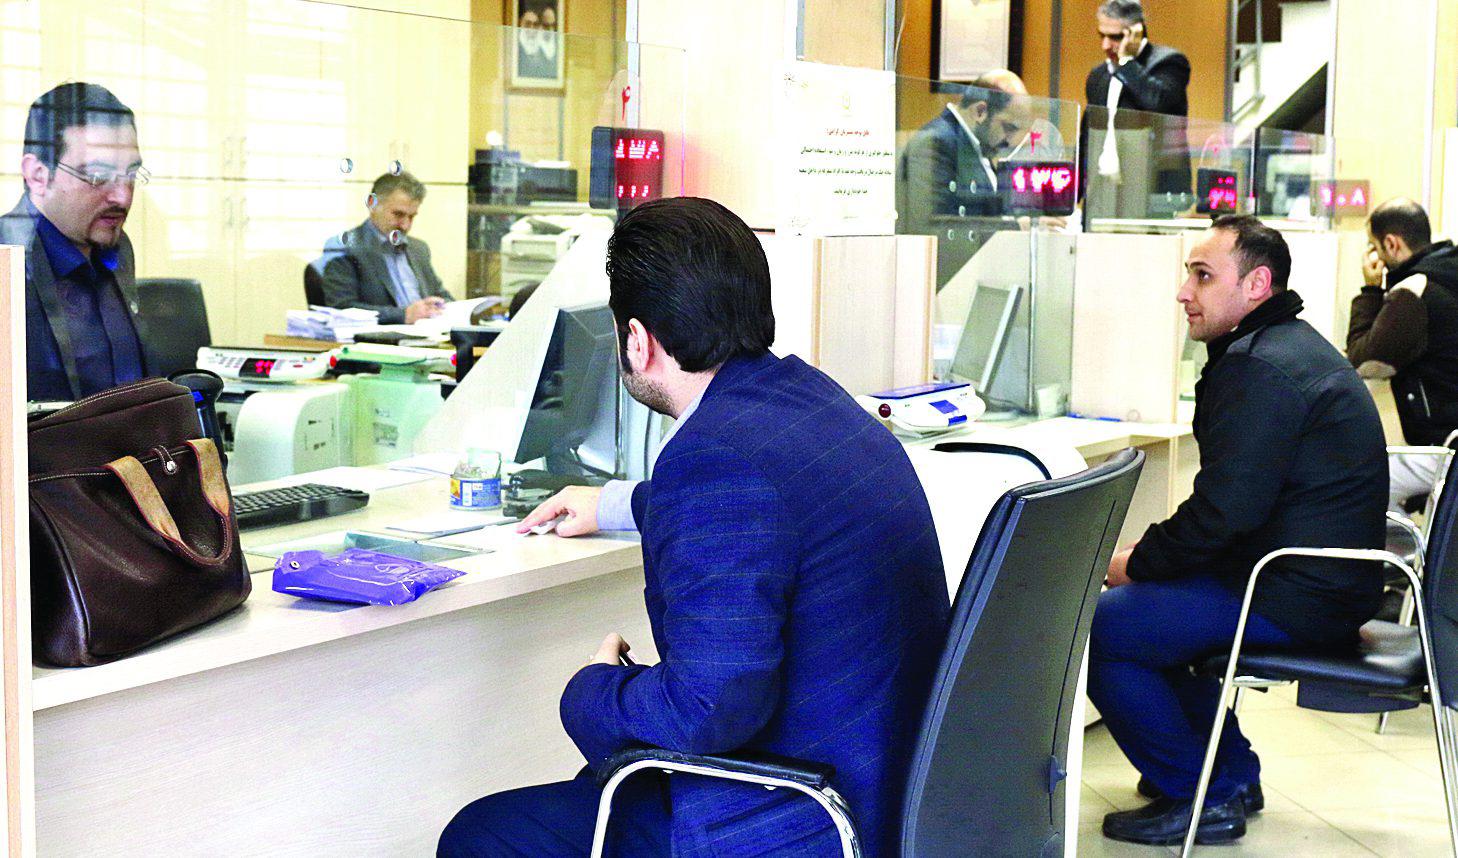 تمدید یک ماهه مهلت دریافت کد شهاب برای همه مشتریان نظام بانکی است